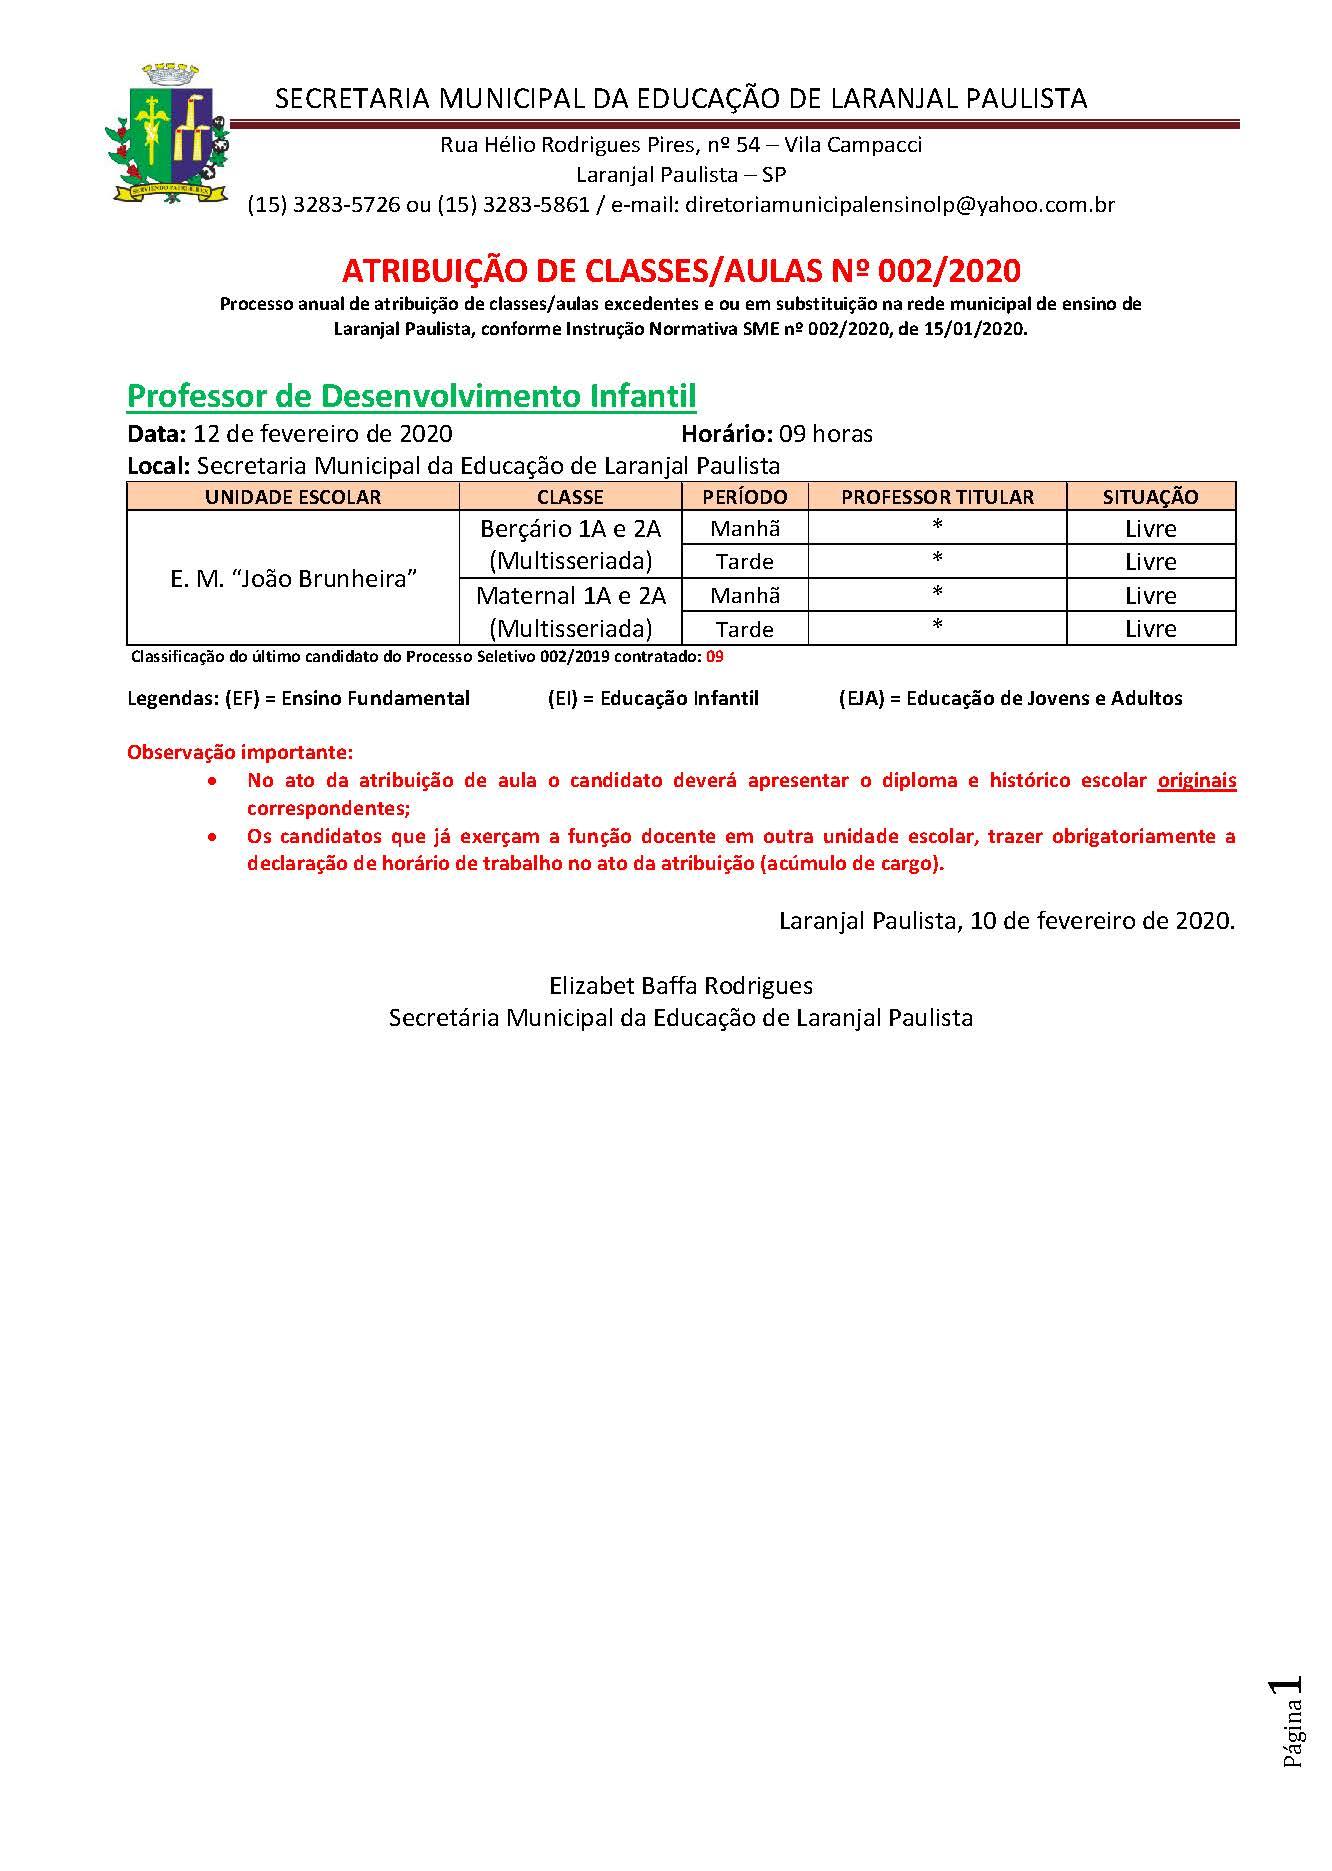 Atribuição de classes e ou aulas excedentes nº 002-2020